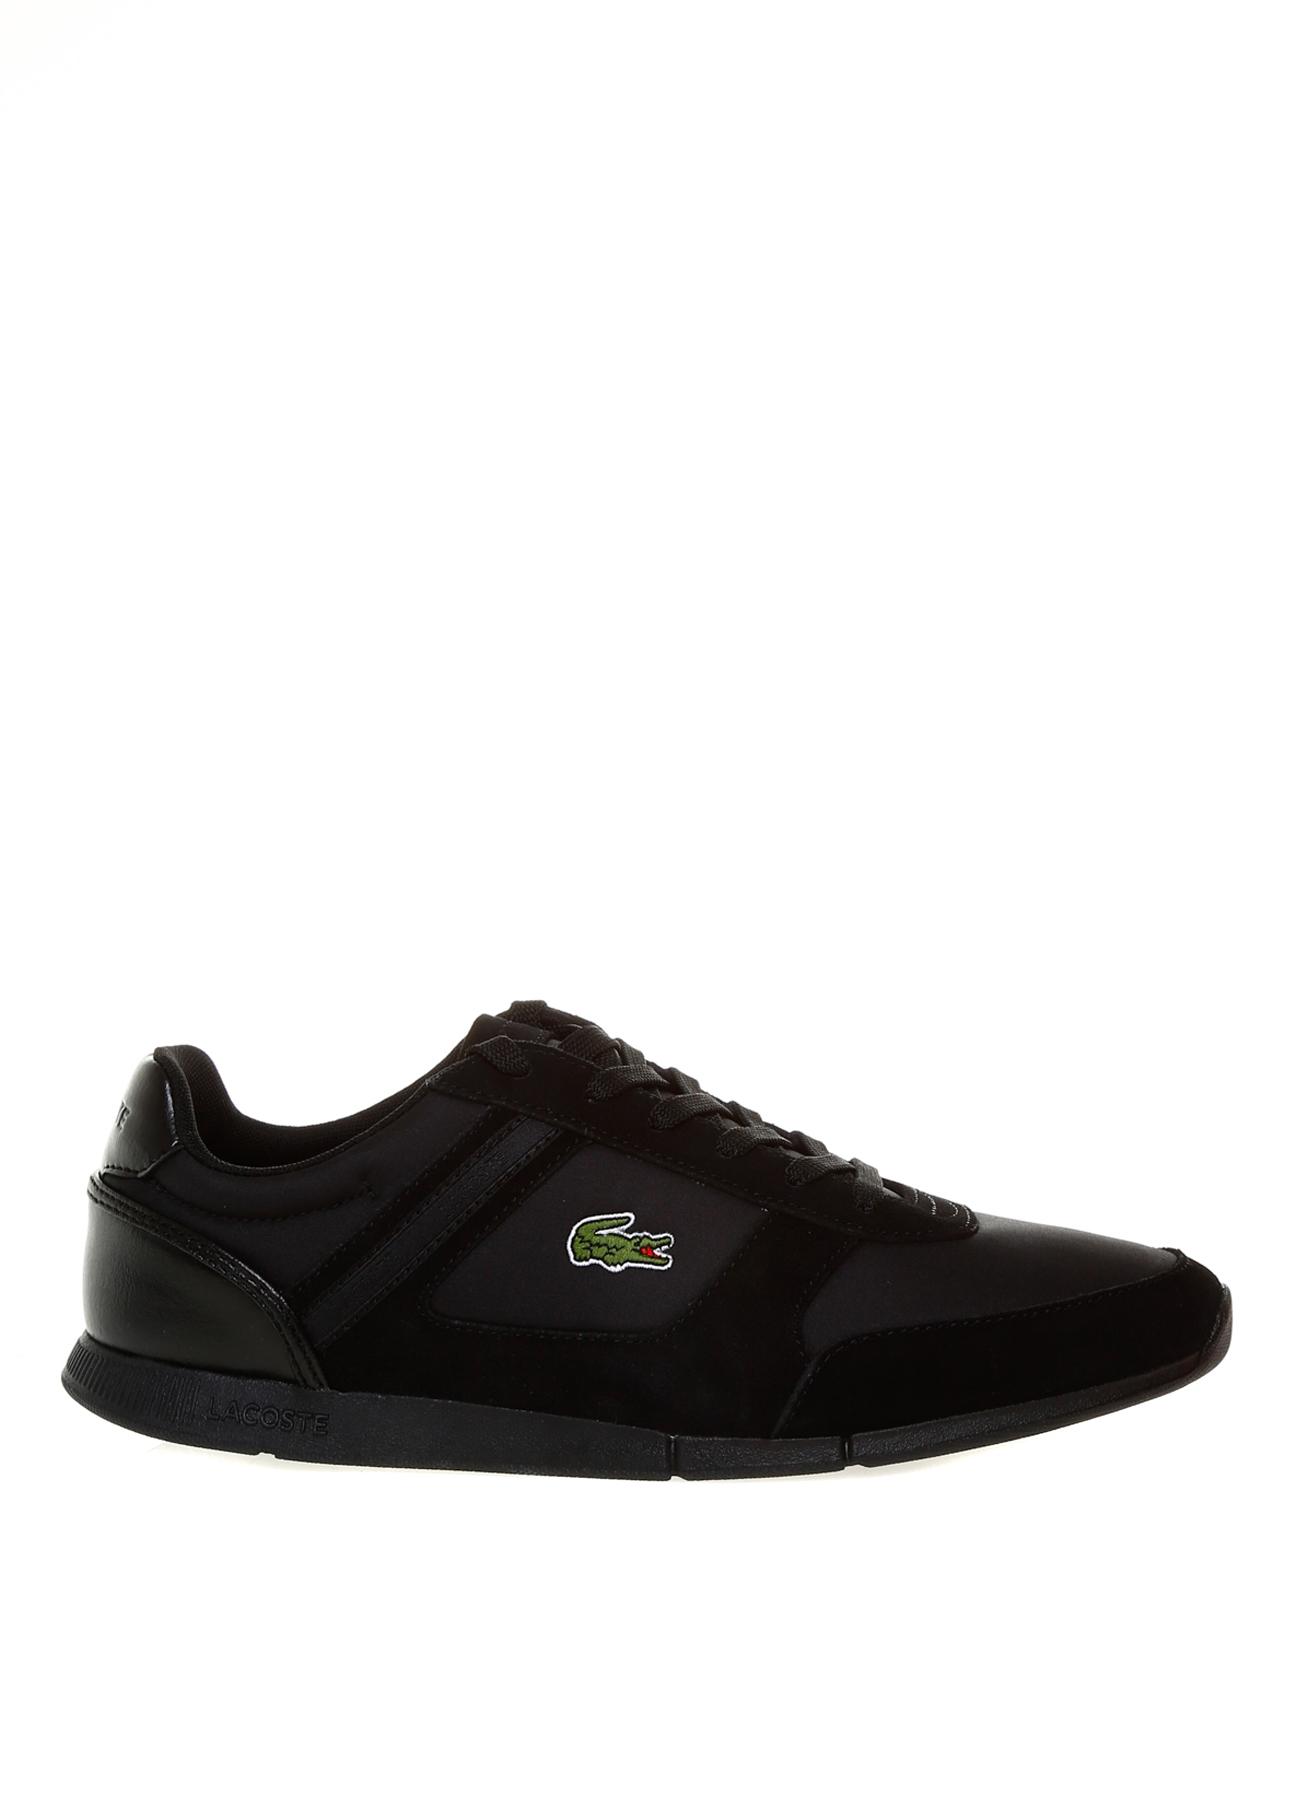 Lacoste Lifestyle Ayakkabı 45 5002314239001 Ürün Resmi